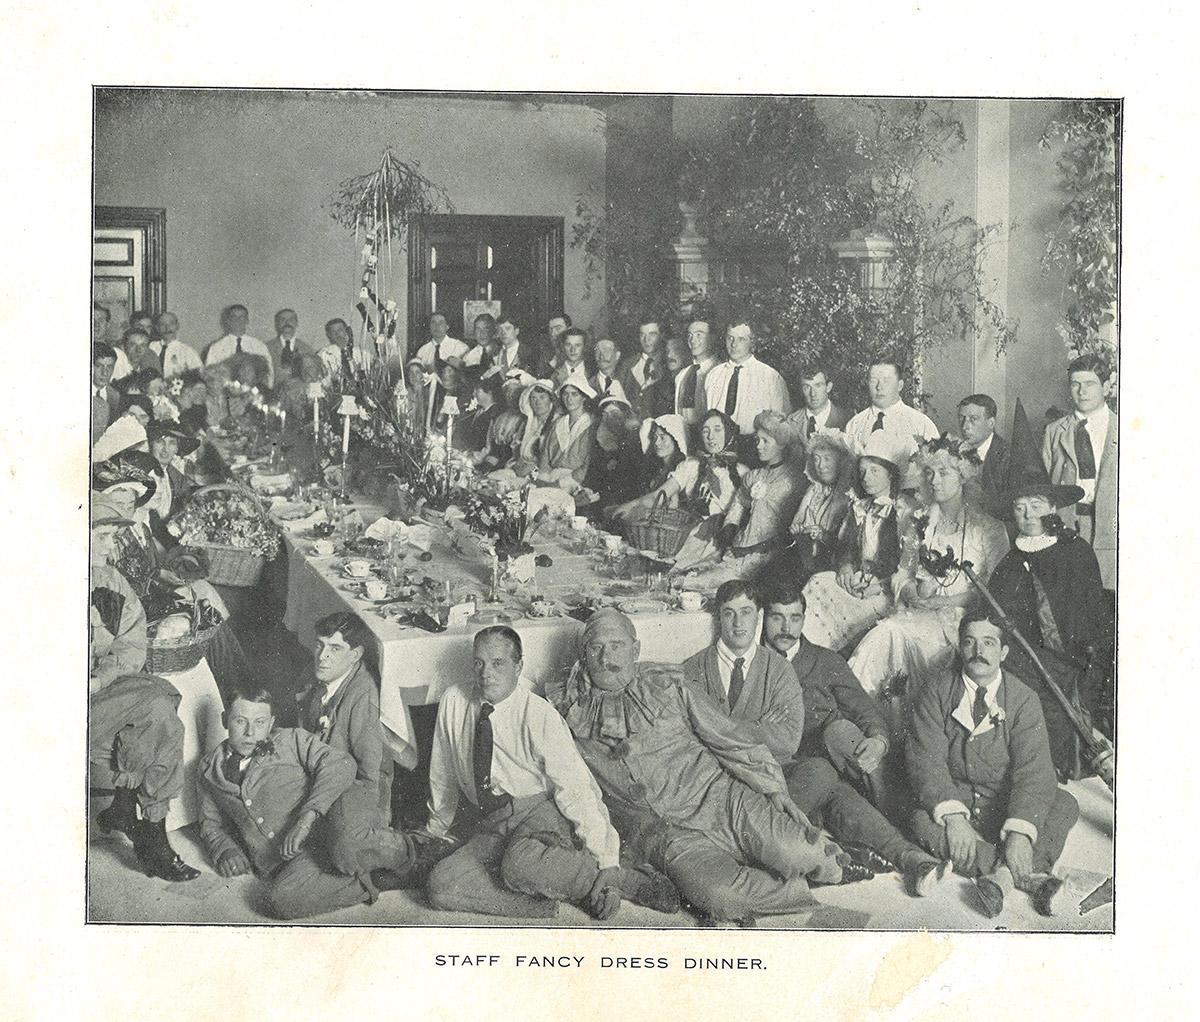 Staff Fancy Dress Dinner